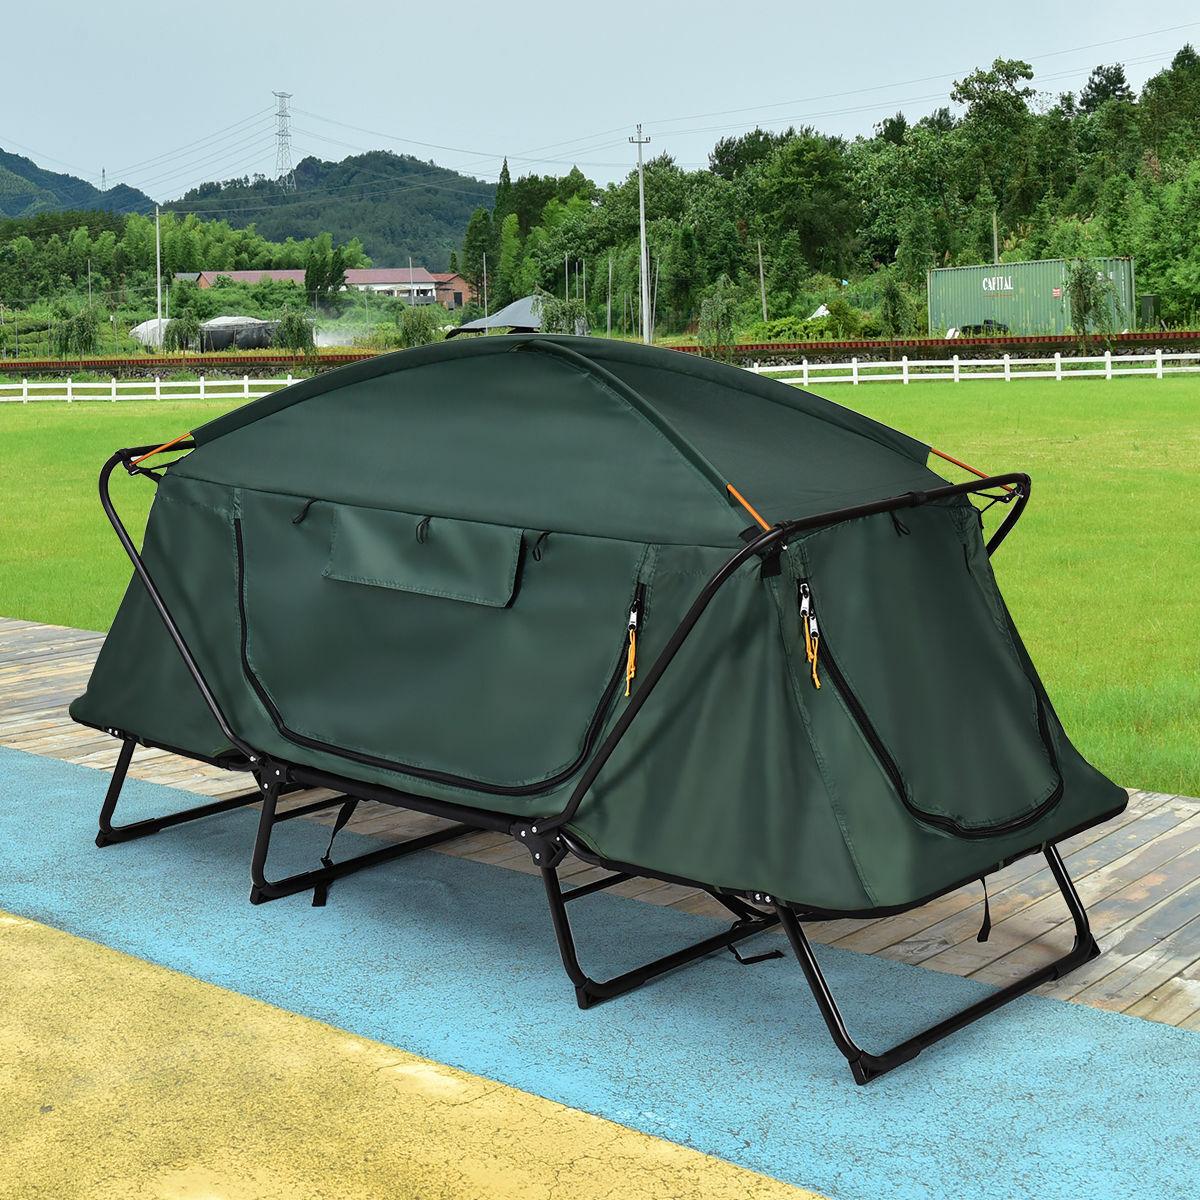 Puede doblar un estante para acampar, tiendas, lonas, cama impermeable, excursión, maletas.